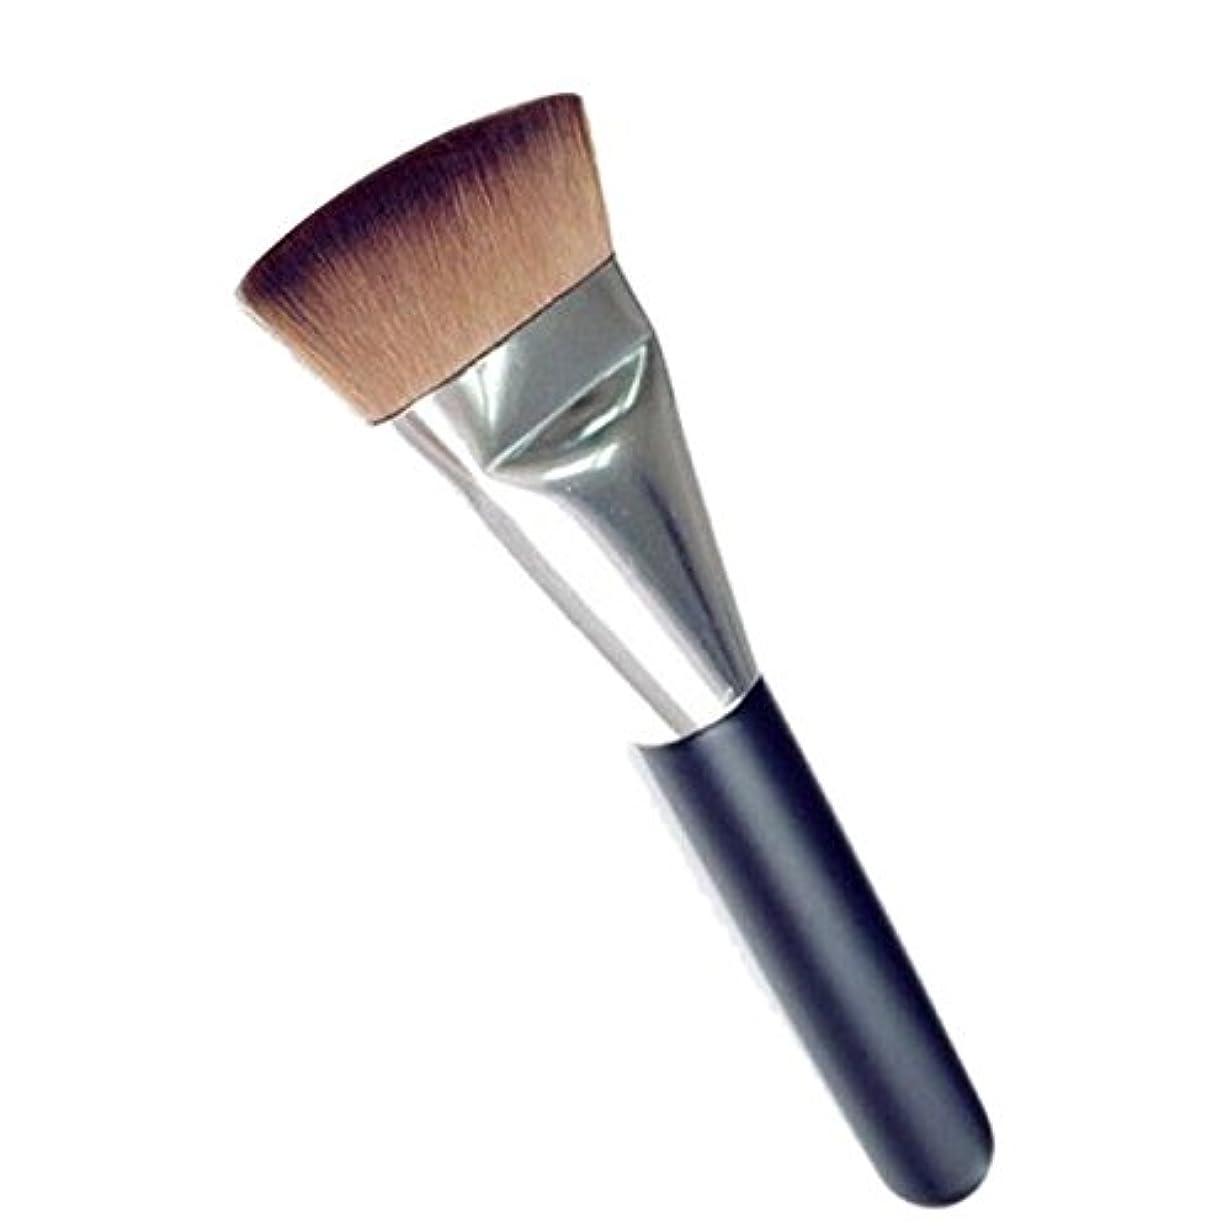 不変方向意気込み笑え熊 化粧筆 コスメブラシ 化粧ブラシ 多機能メイクブラシケース 扇形 ハイライト 毛質ふわふわ 激安 オススメ (ブラック4)